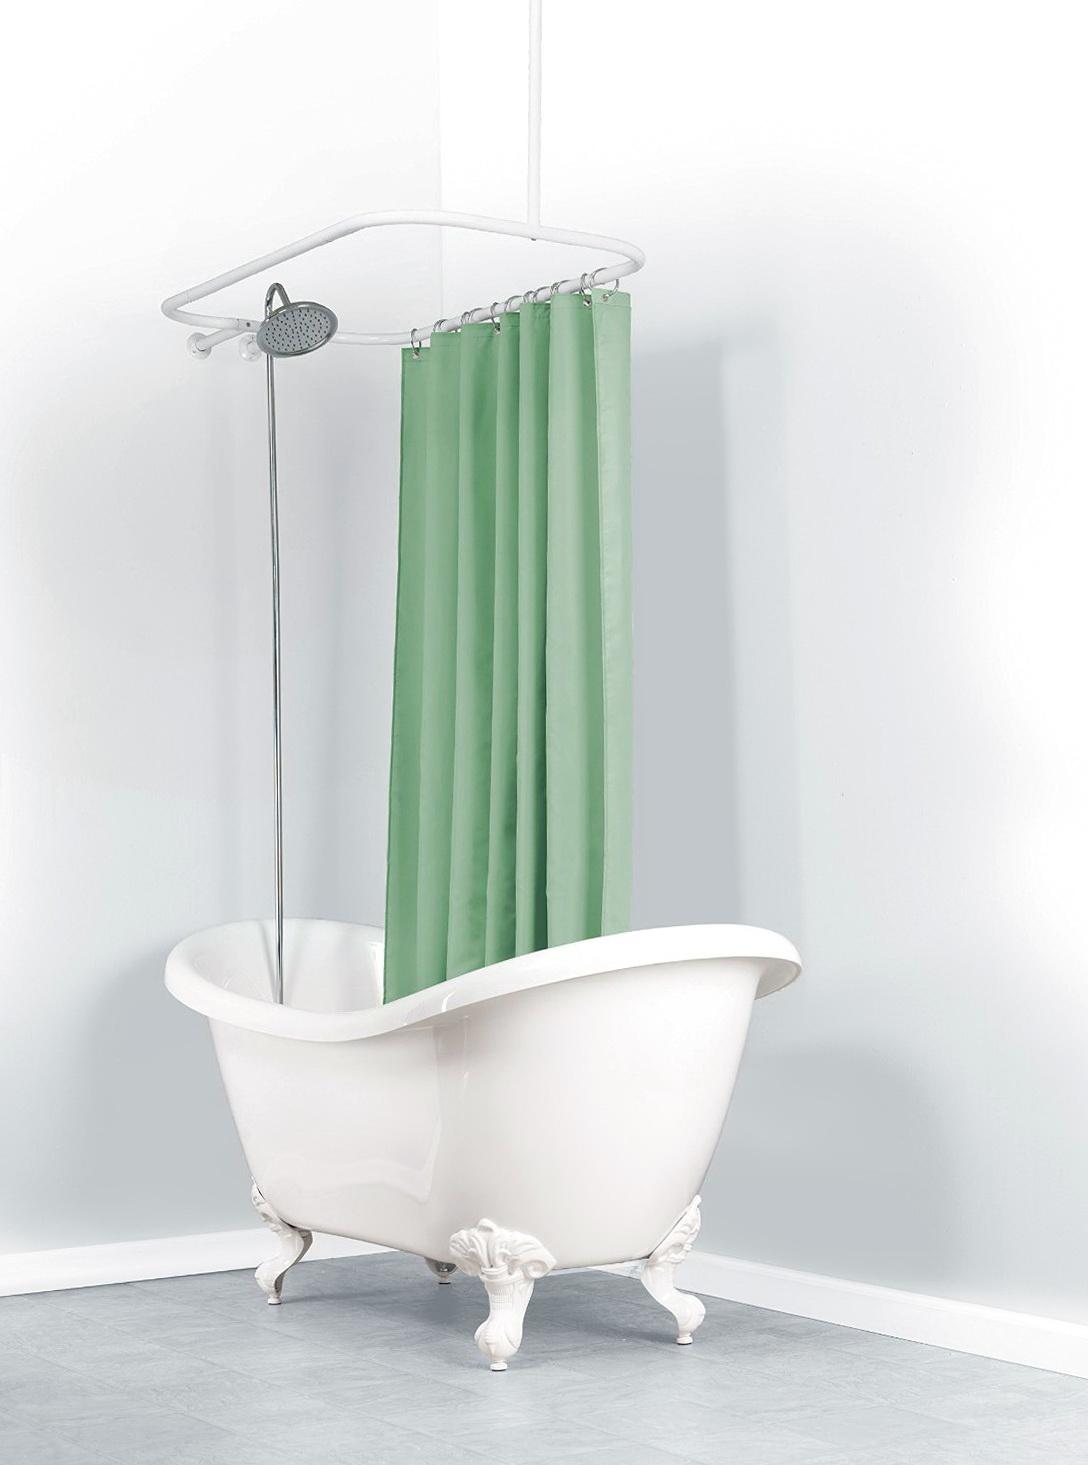 Shower Curtain Rod For Clawfoot Tub Canada